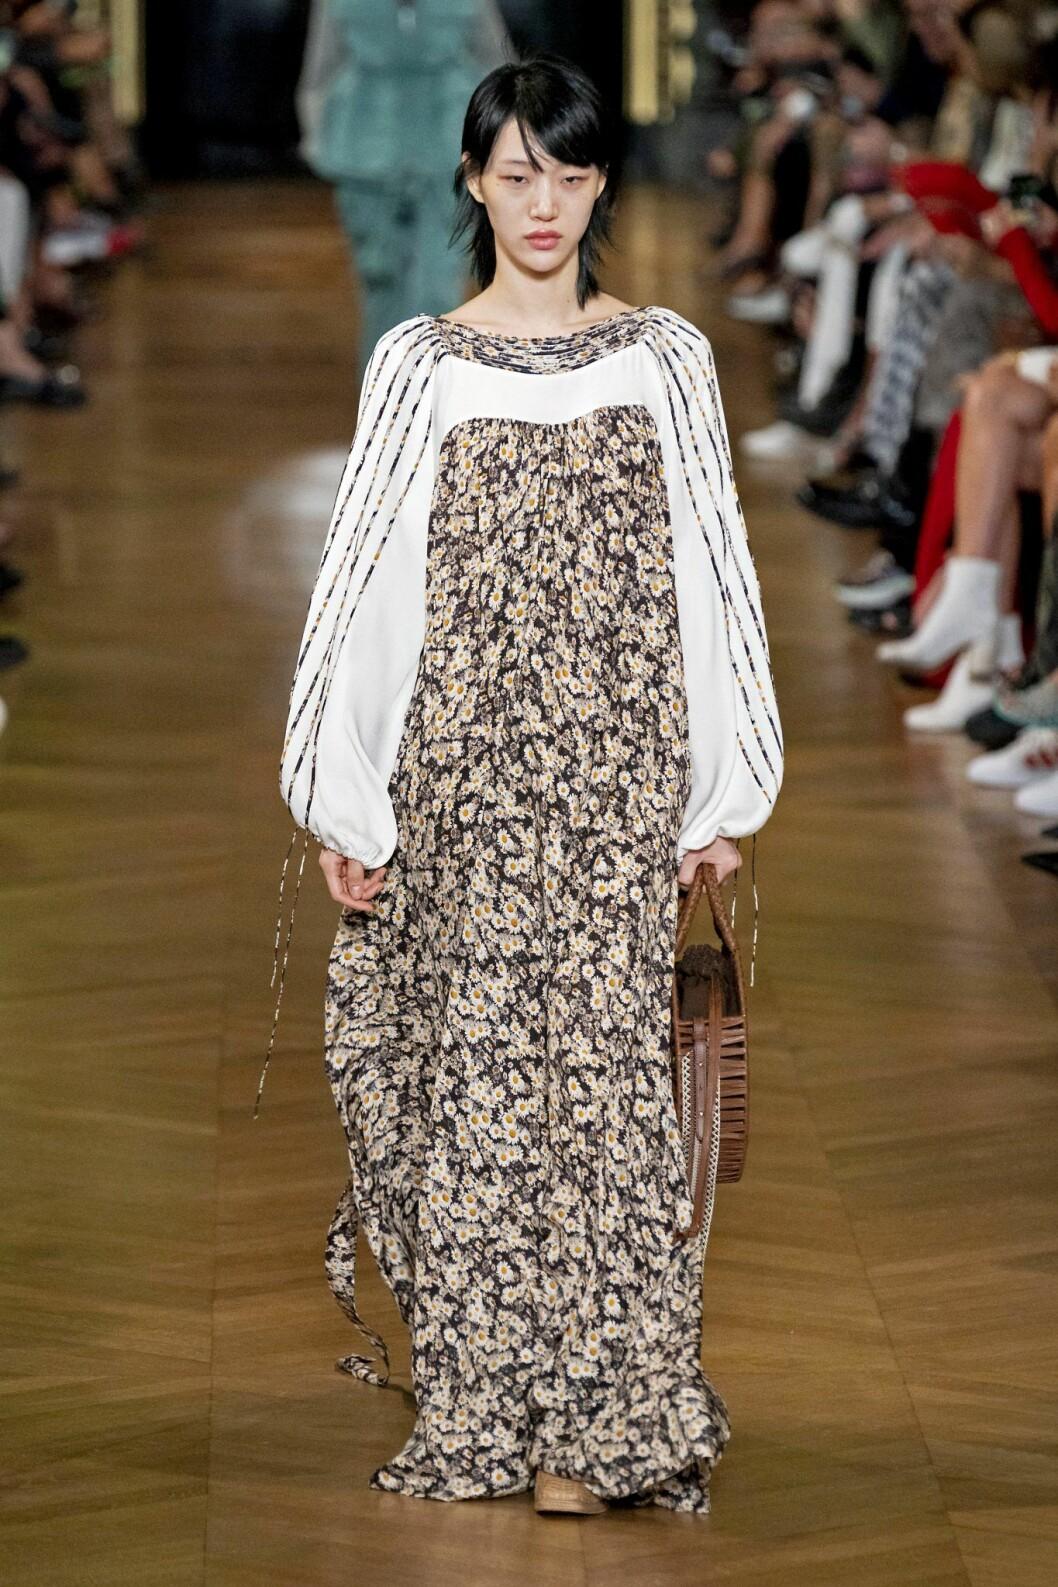 Småblommig klänning från Stella McCartney